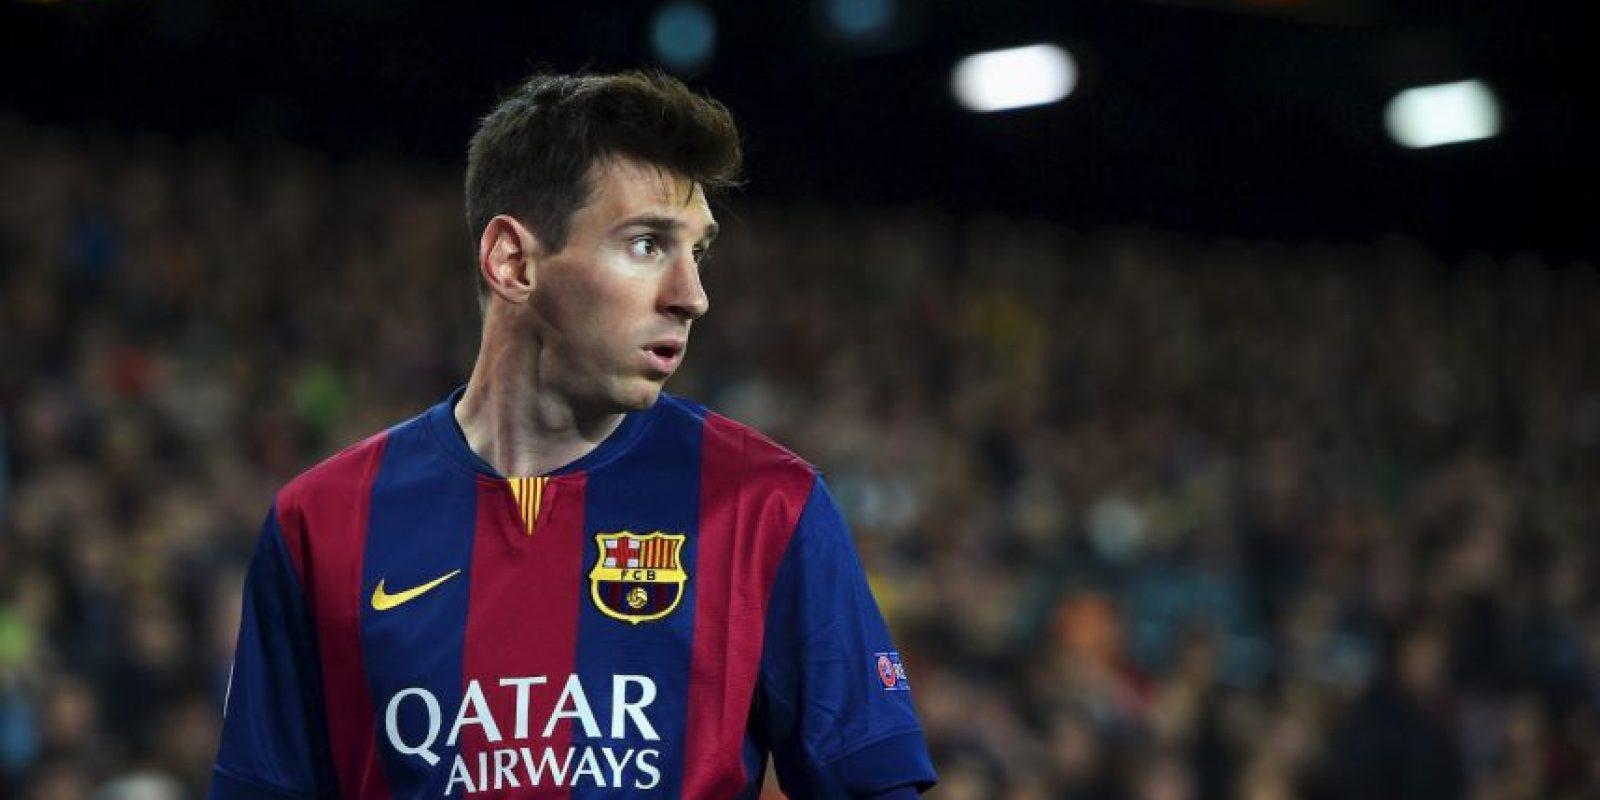 El Chelsea, Manchester City y PSG, respaldados por dueños multimillonarios, han manifestado su interés en Messi. Foto:Getty Images